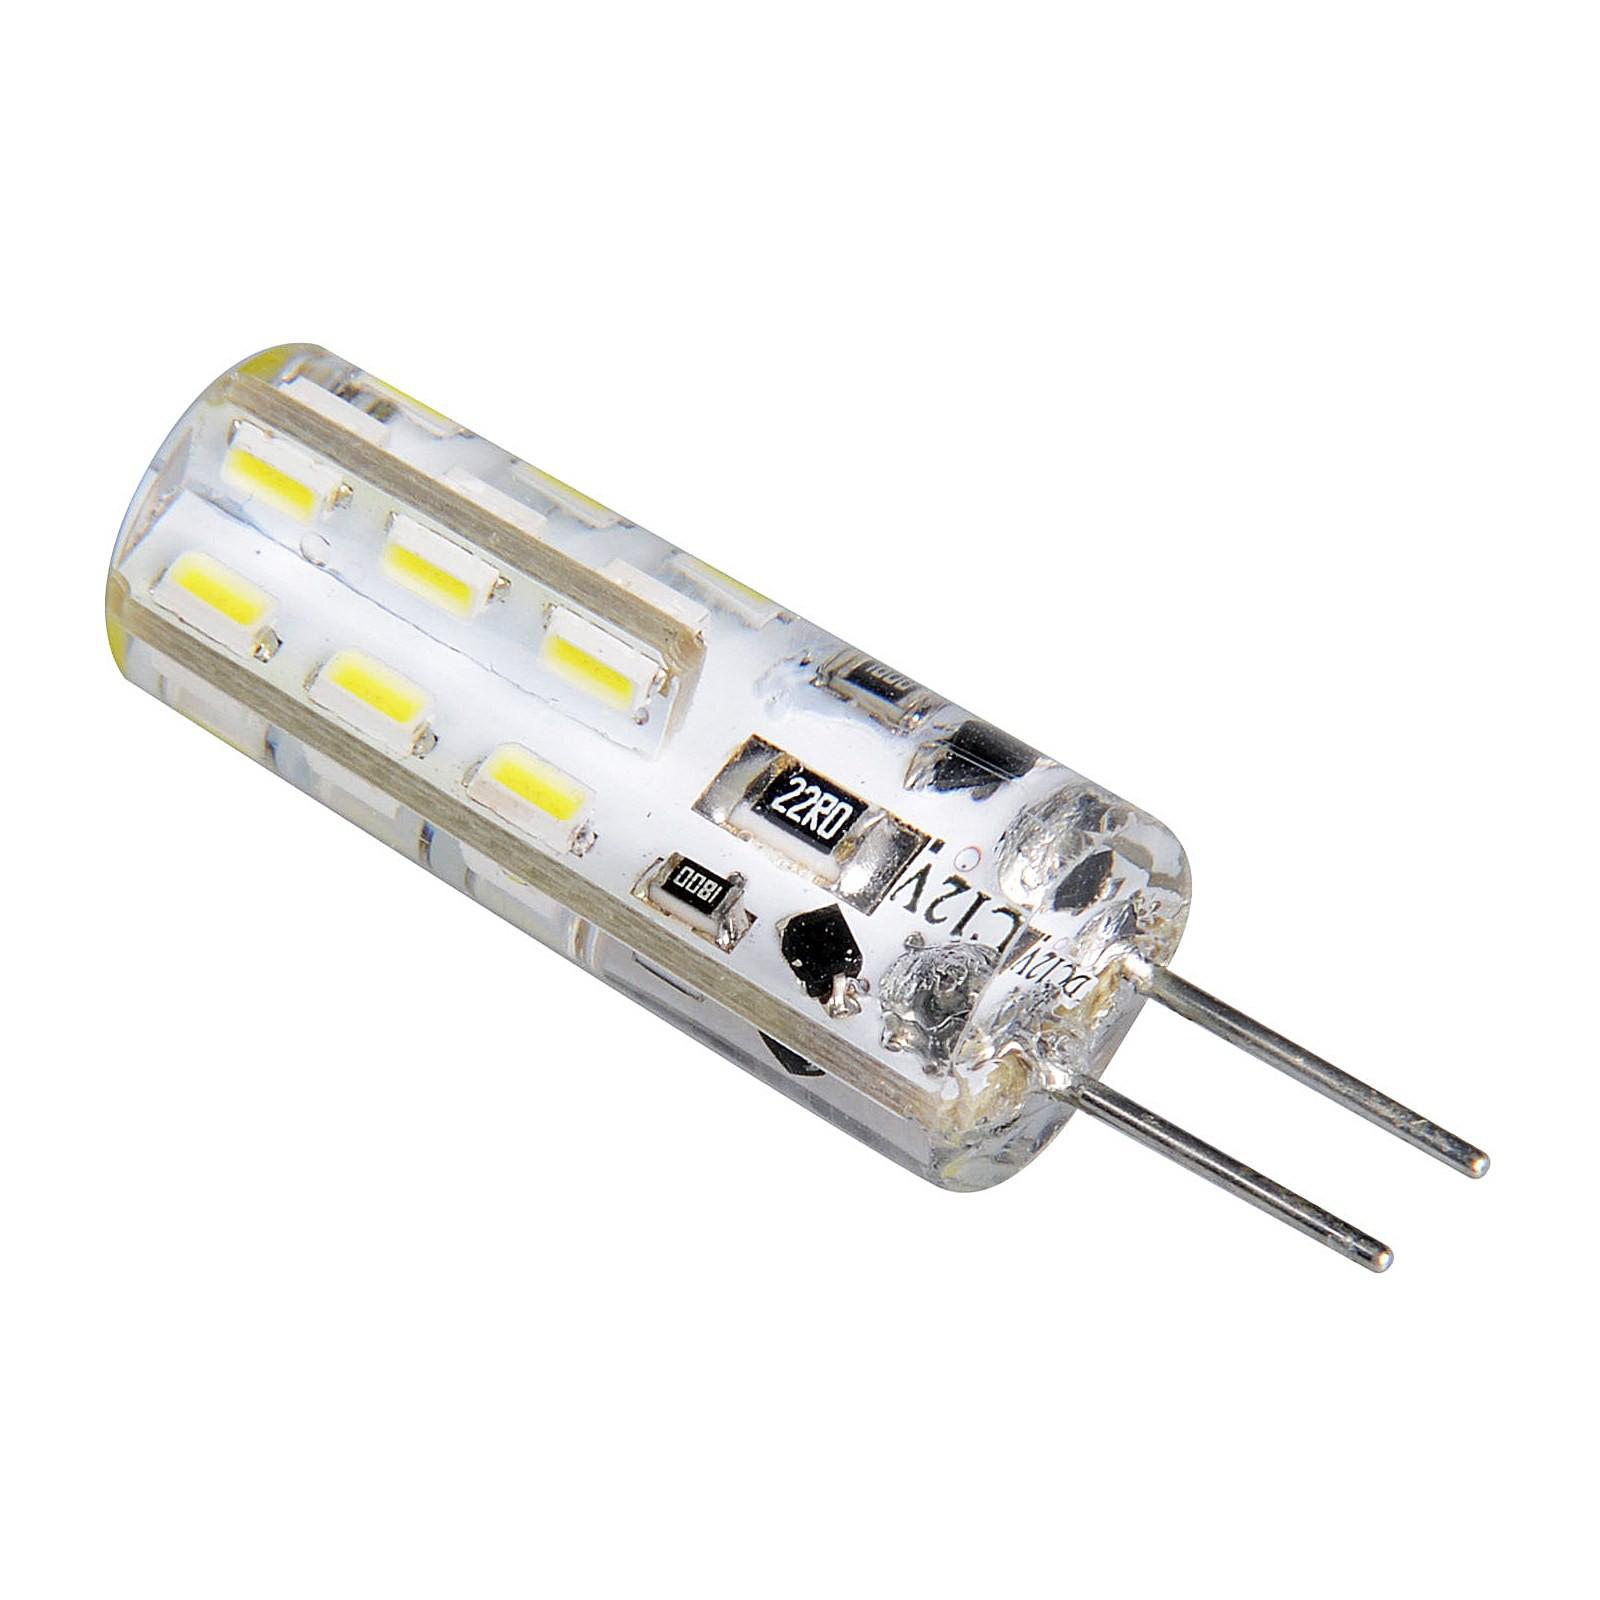 lampadina faretto led attacco g4 1 5w luce bianco caldo